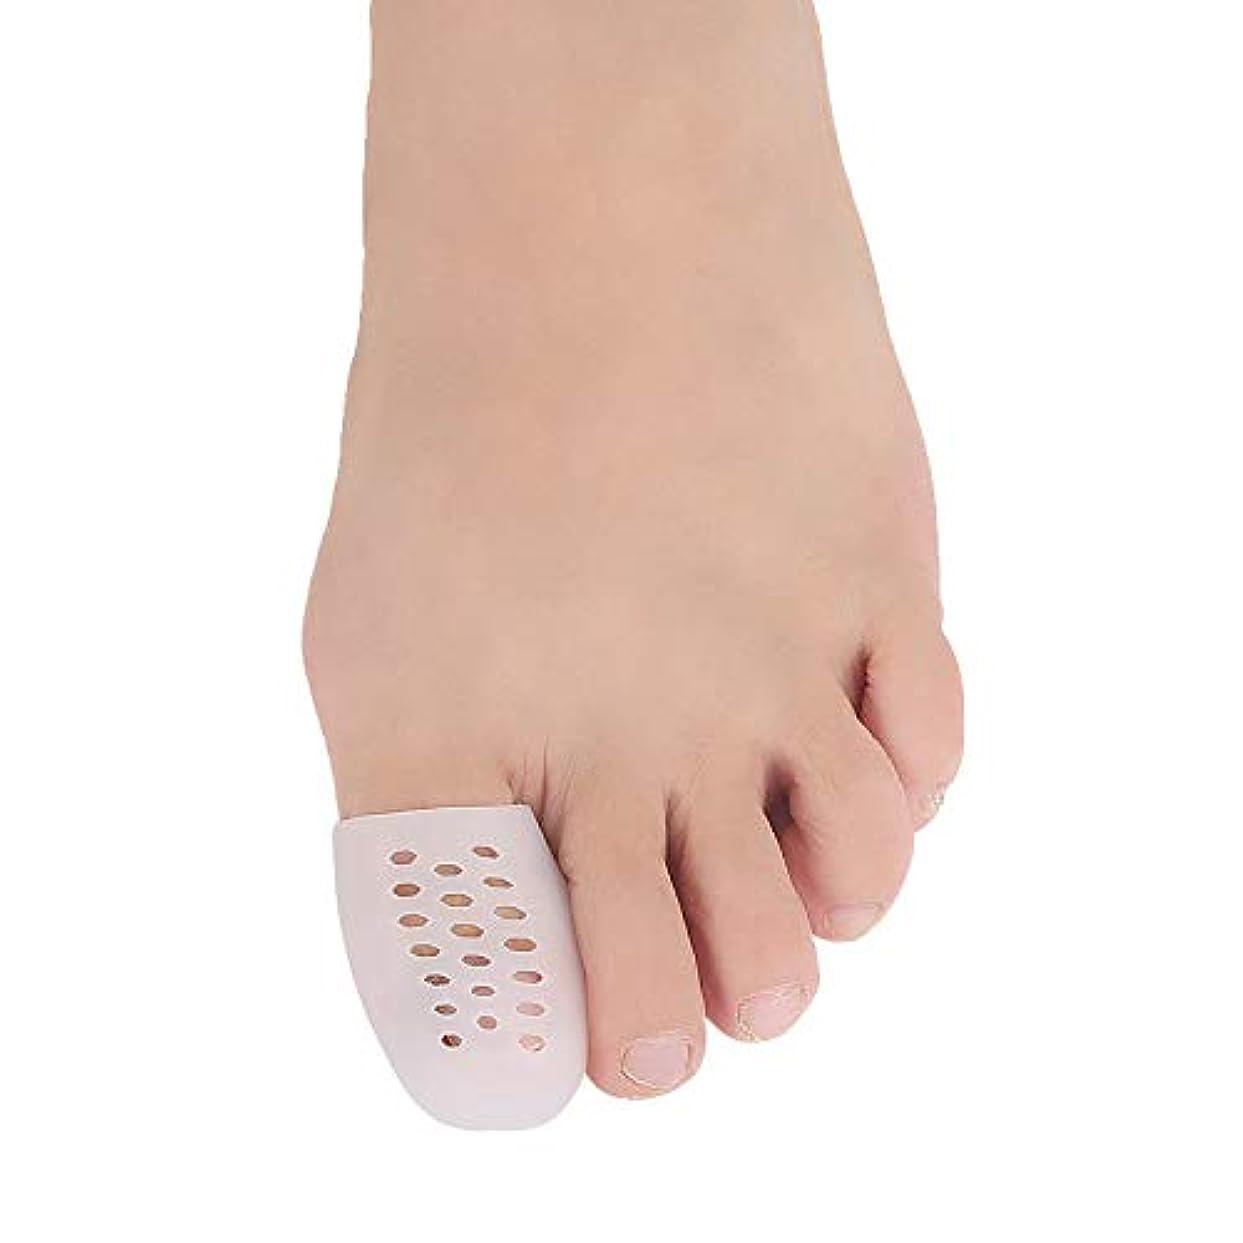 ハイジャック組み立てる消費するZAYAR 足指保護キャップ 足先のつめ保護キャップ つま先プロテクター シリコン 趾痛み軽減